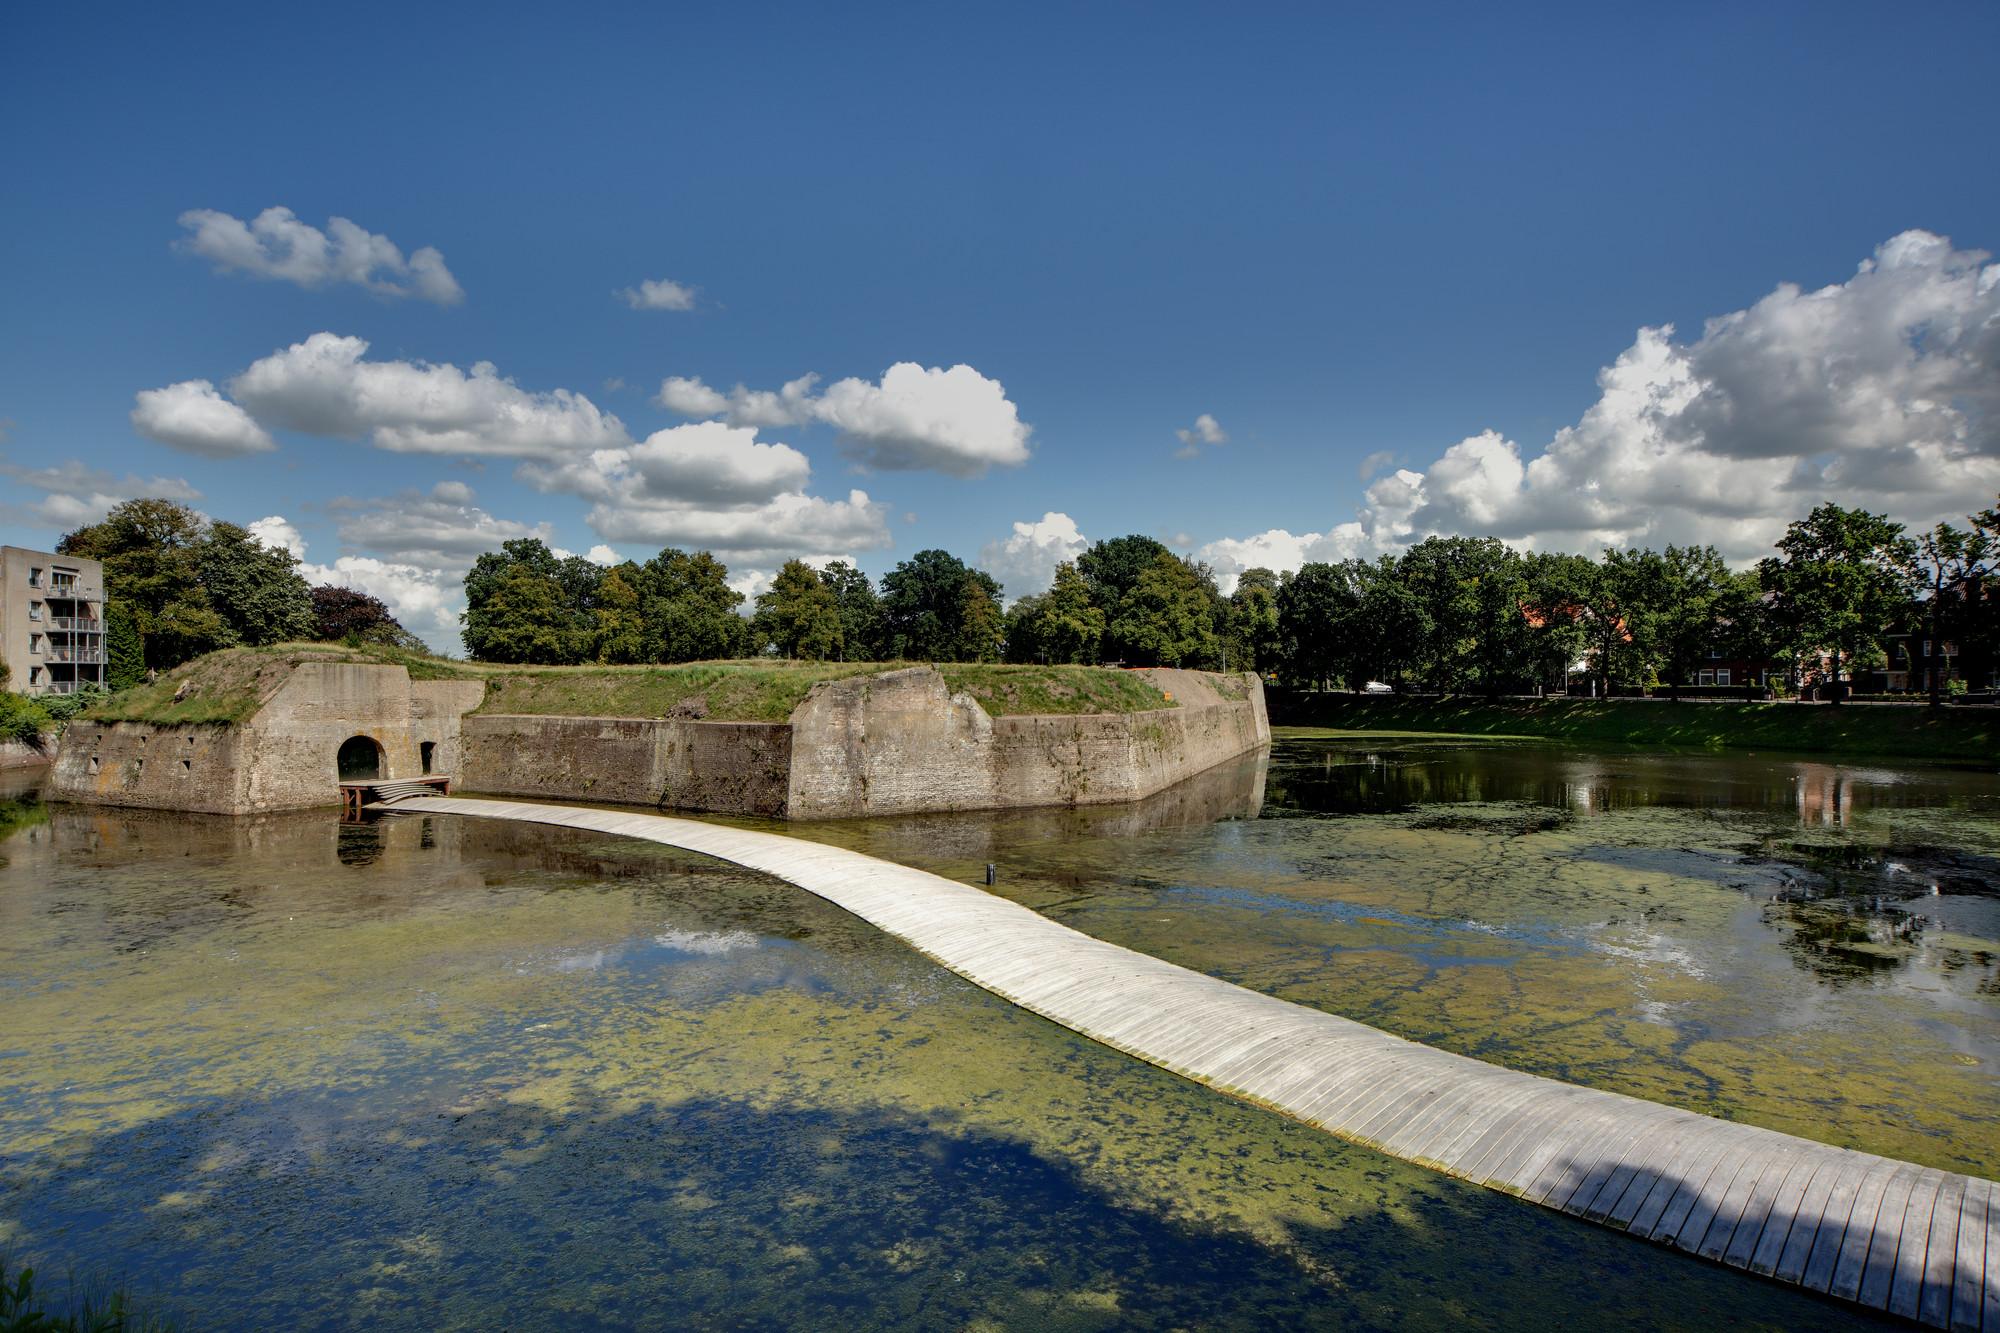 Paisaje y Arquitectura: puente peatonal Ravelijn, un nuevo conector entre la ciudad e isla-fortaleza, © Erik Stekelenburg